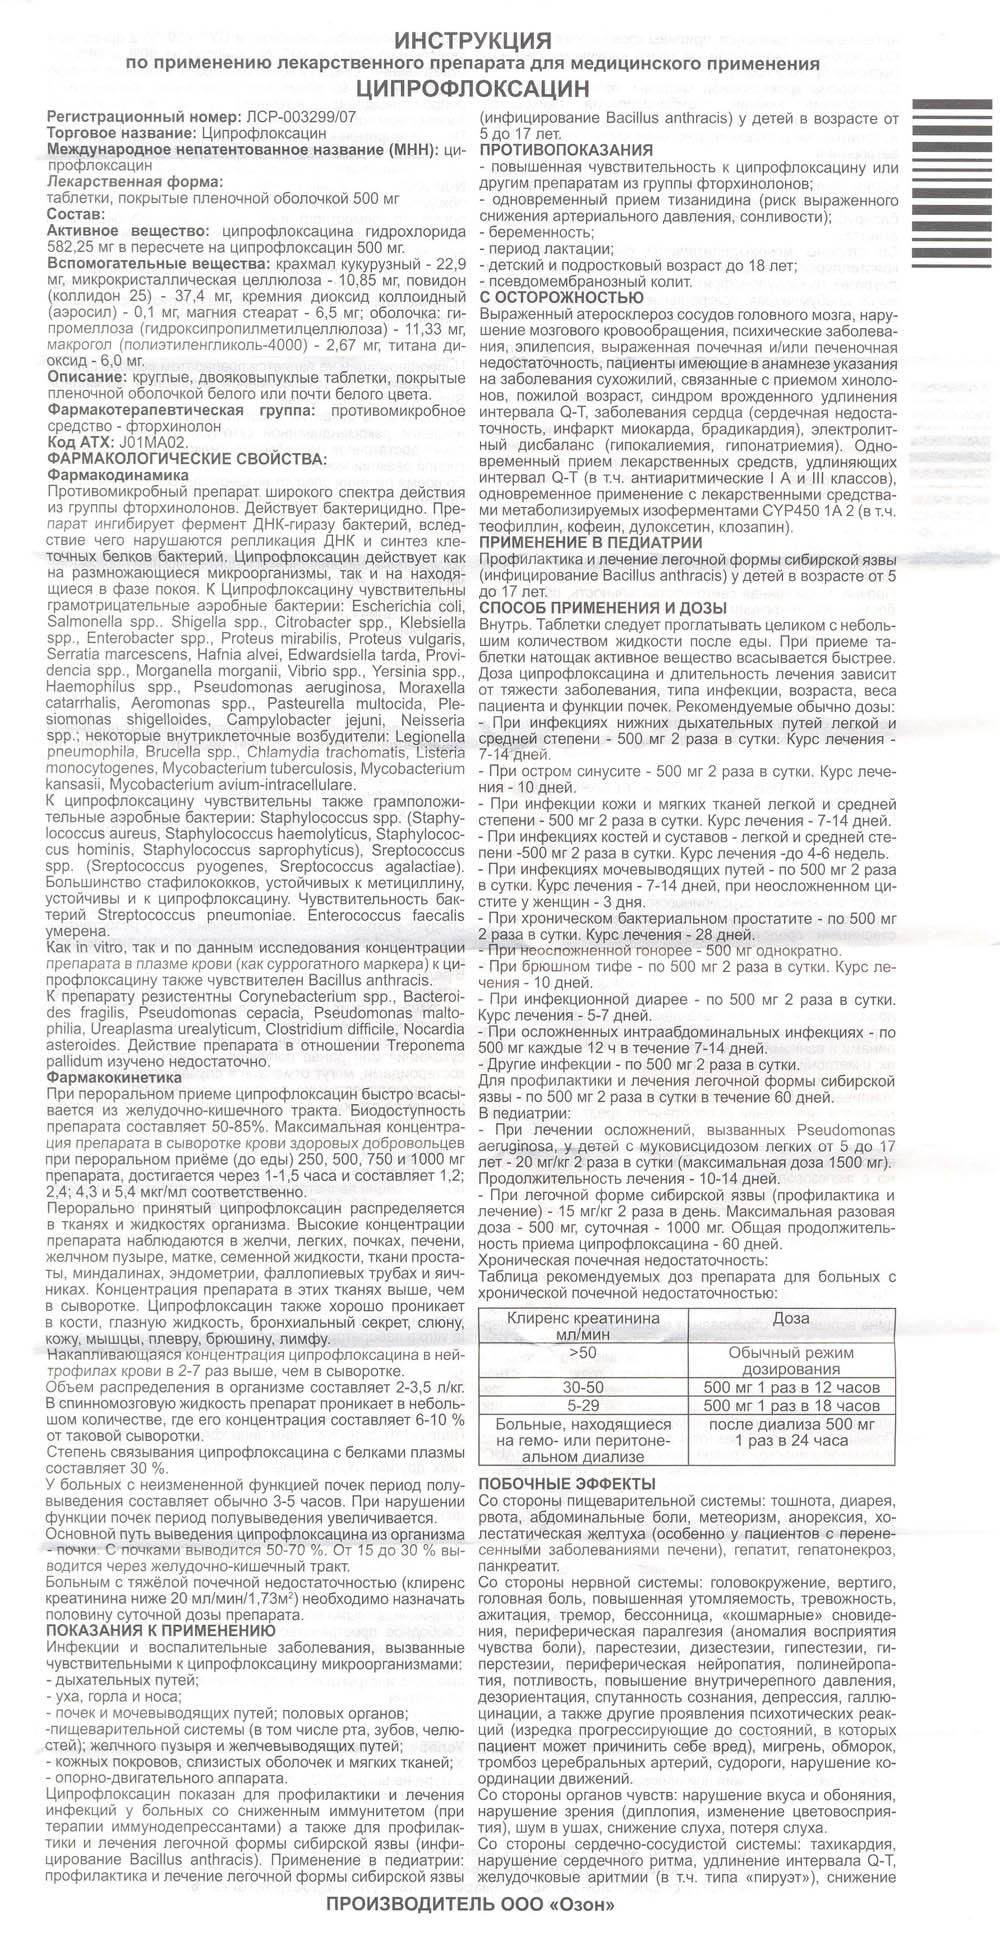 Циплофлоксацин инструкция